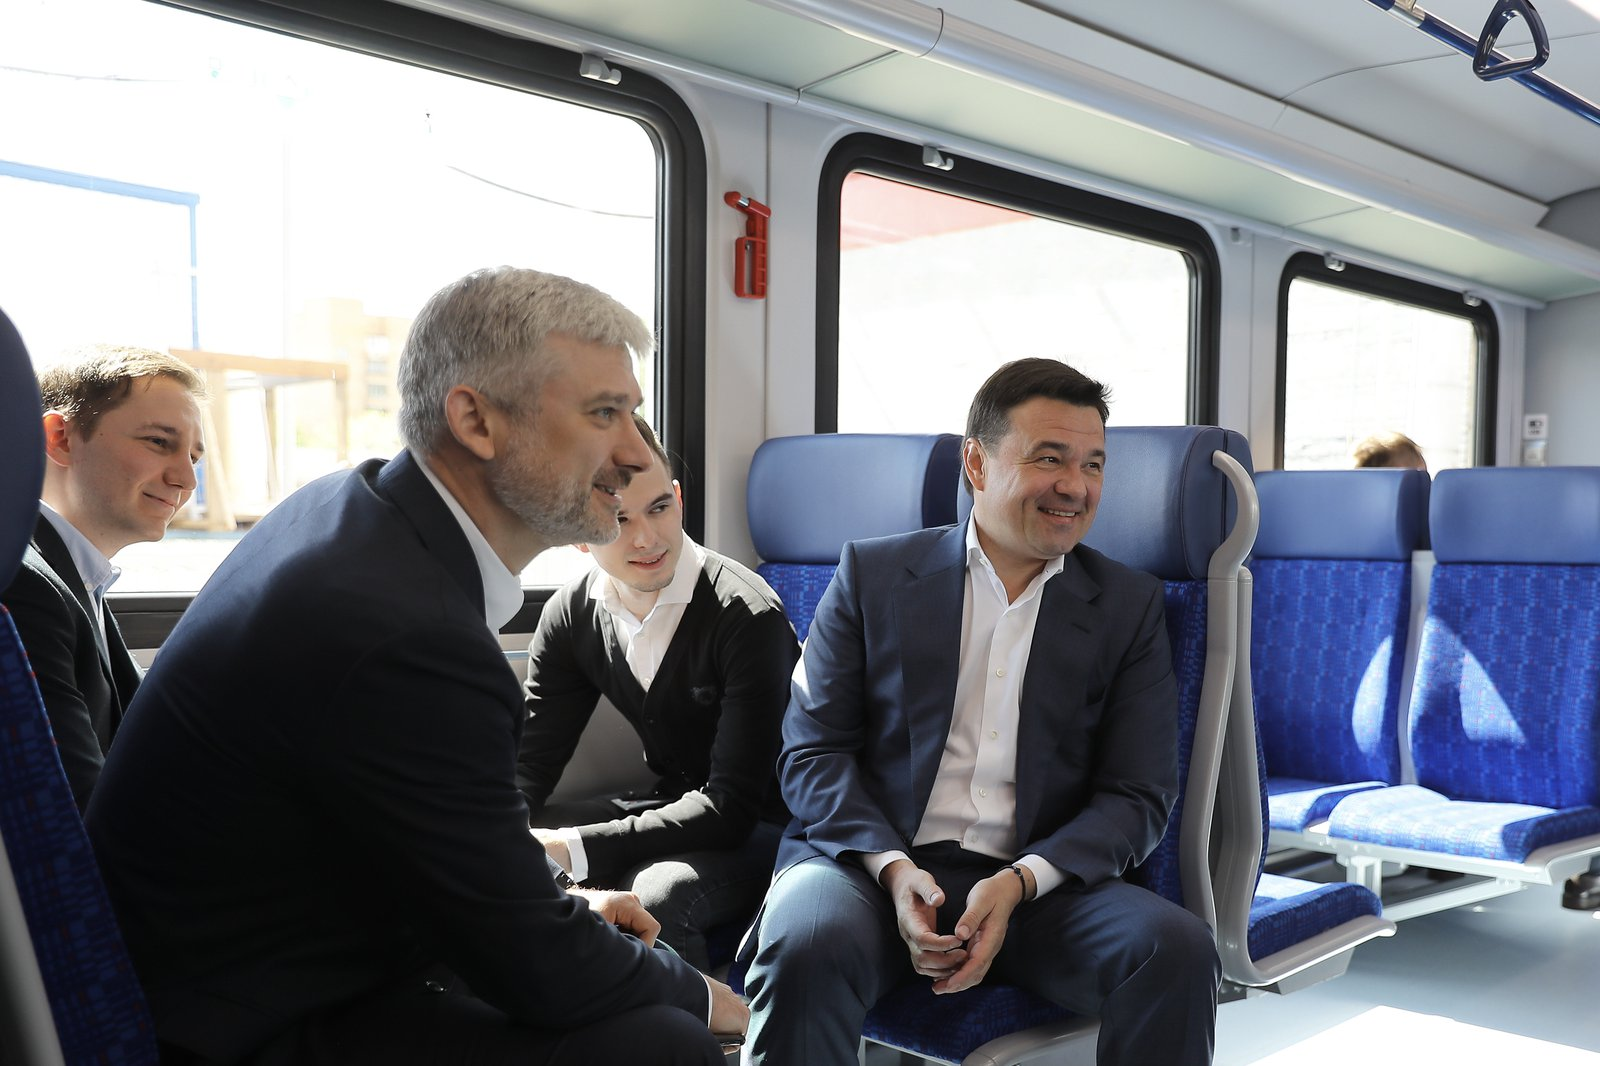 Андрей Воробьев губернатор московской области - Транспортная сеть будущего: новую железнодорожную платформу открыли в Подмосковье